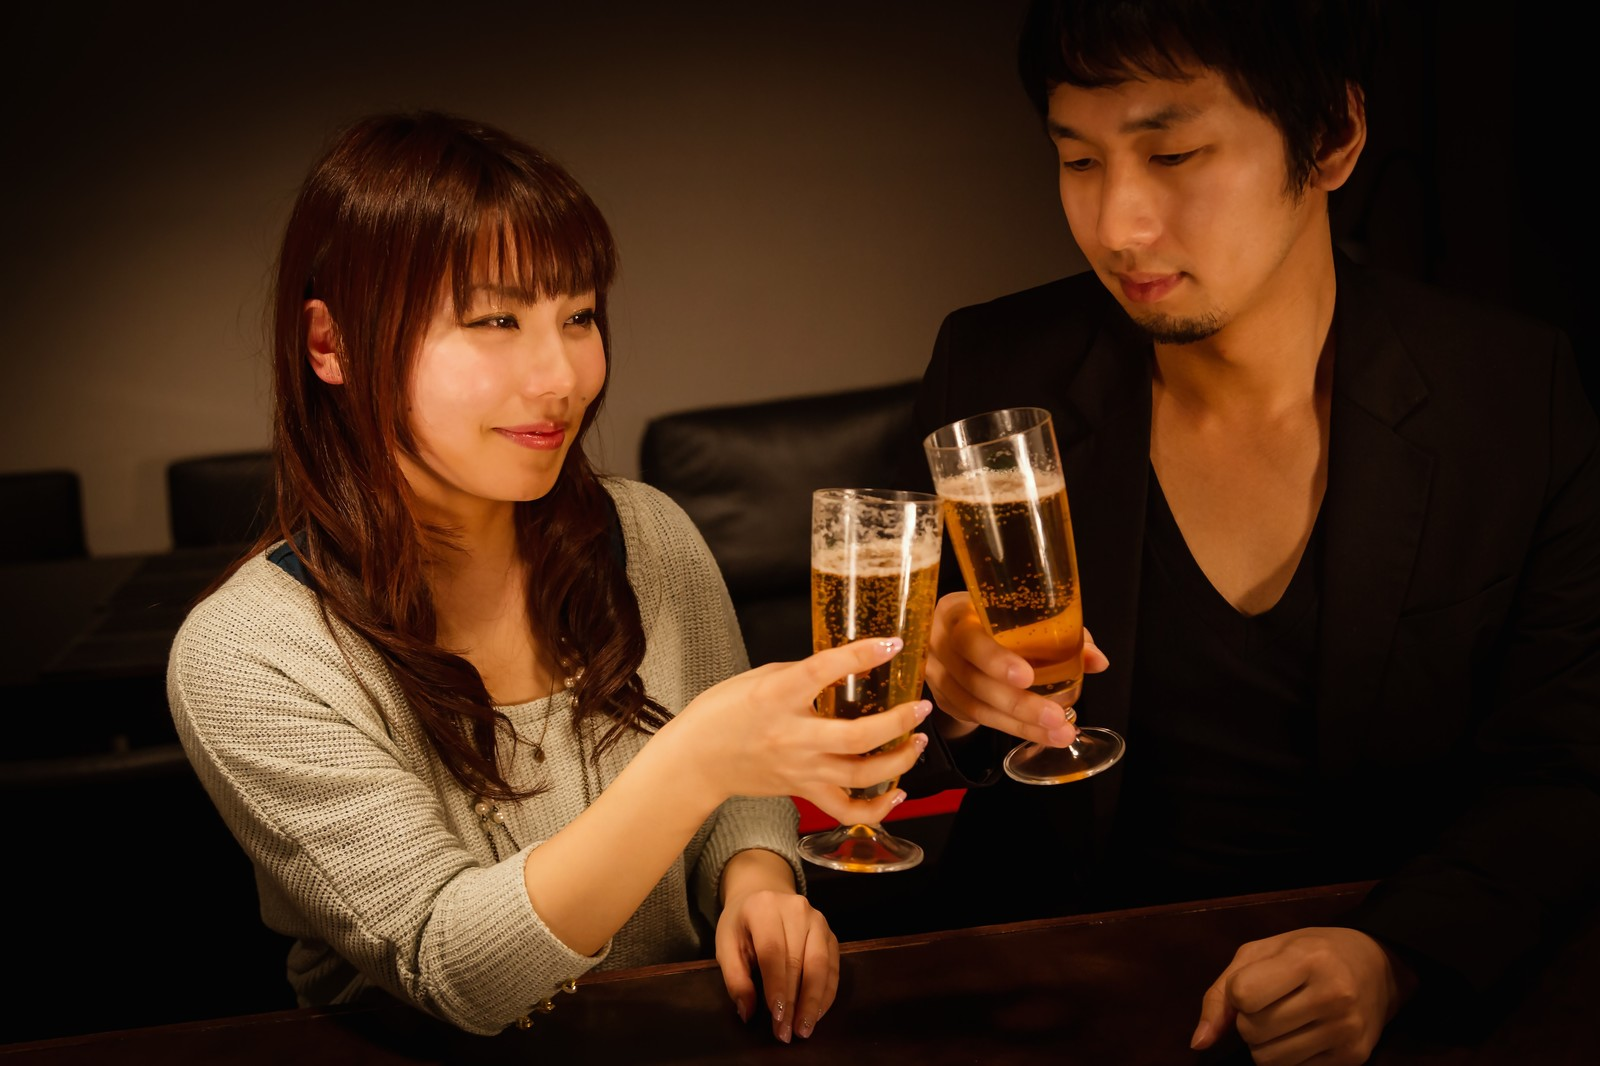 吉祥寺の居酒屋で安い・飲み放題のお店は?美味しいと評判のおすすめ店舗9選!